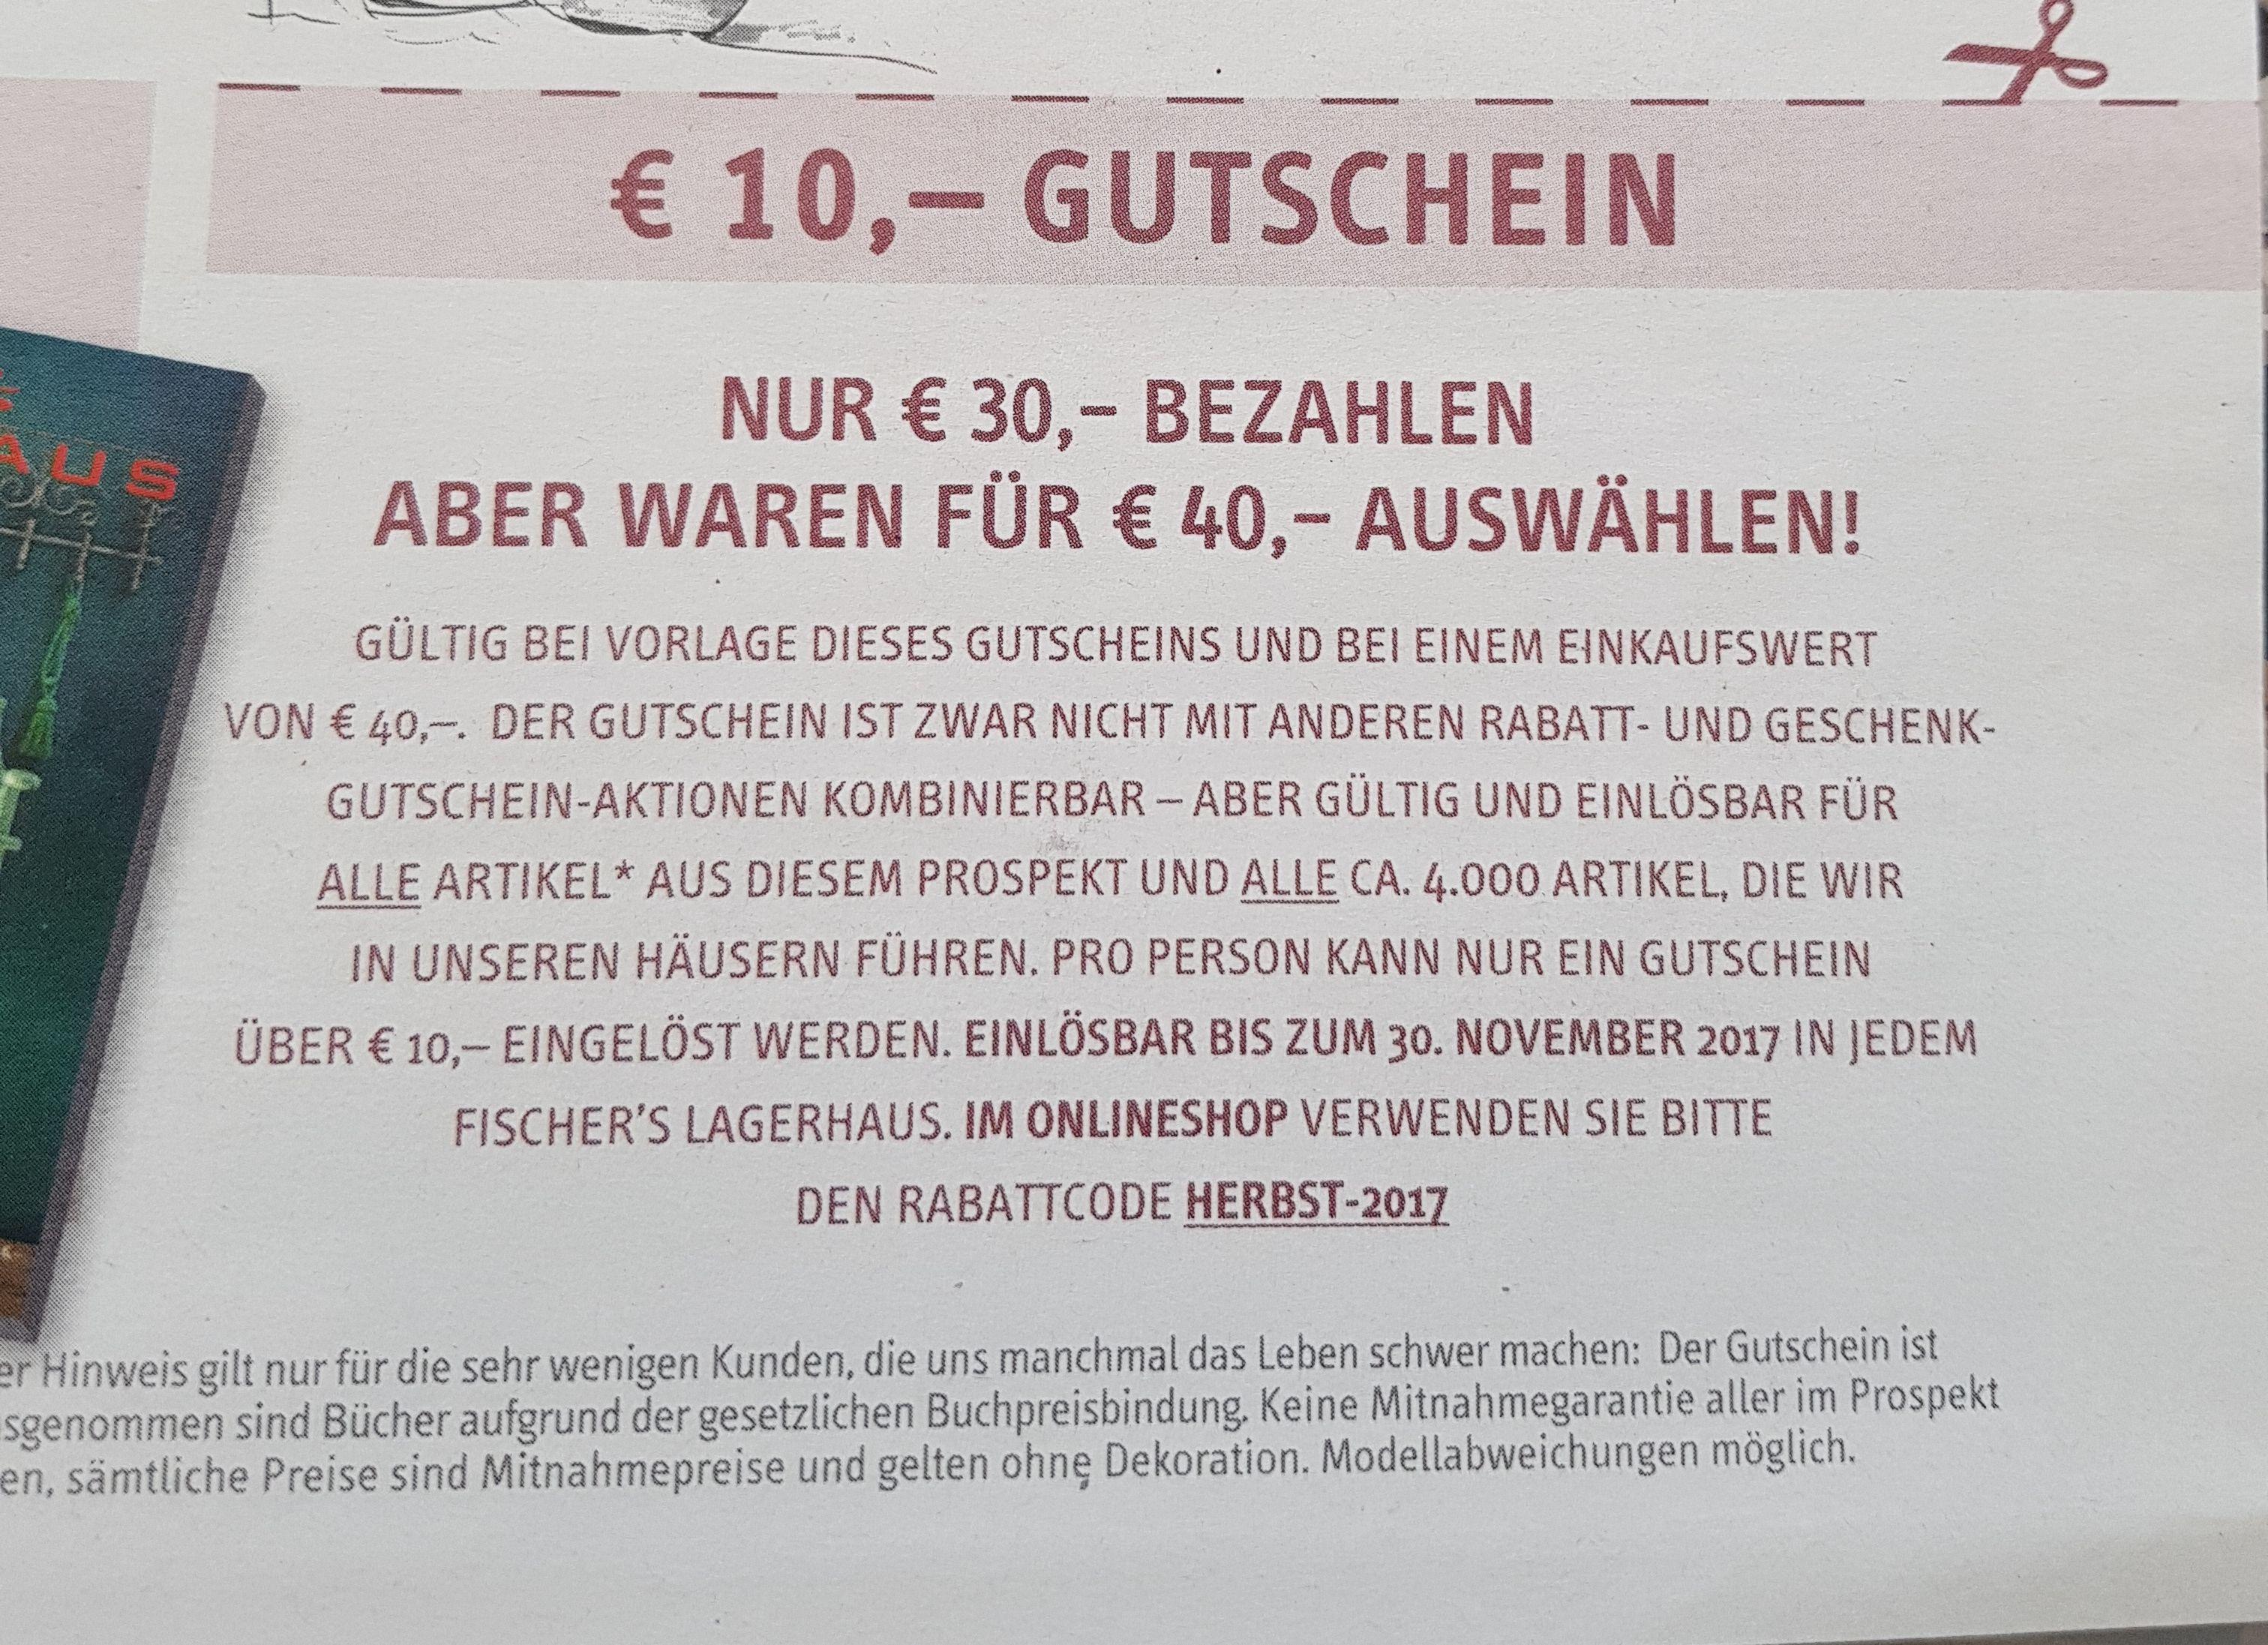 30 statt 40 Euro bezahlen online oder offline bei Fischers Lagerhaus